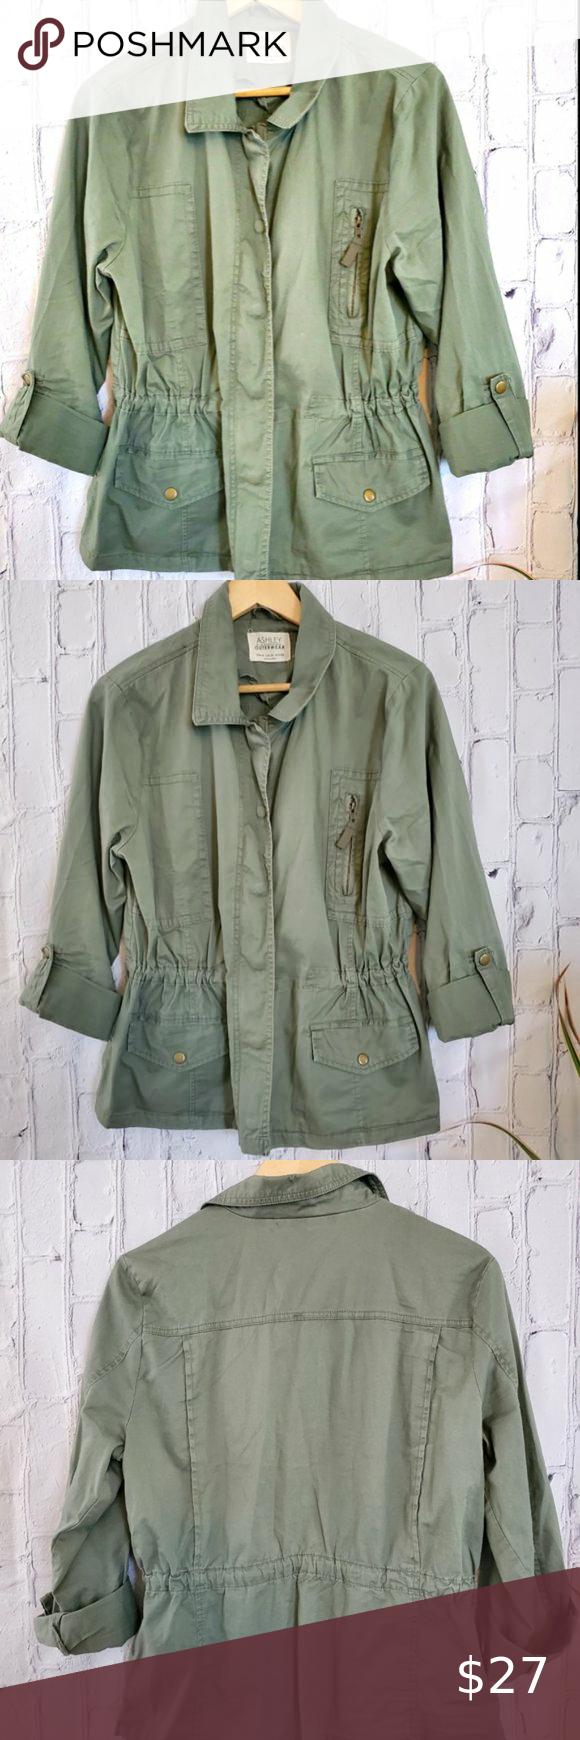 Ashley By 26 International Outerwear Jacket Xl Outerwear Jackets Stylish Jackets Outerwear [ 1740 x 580 Pixel ]